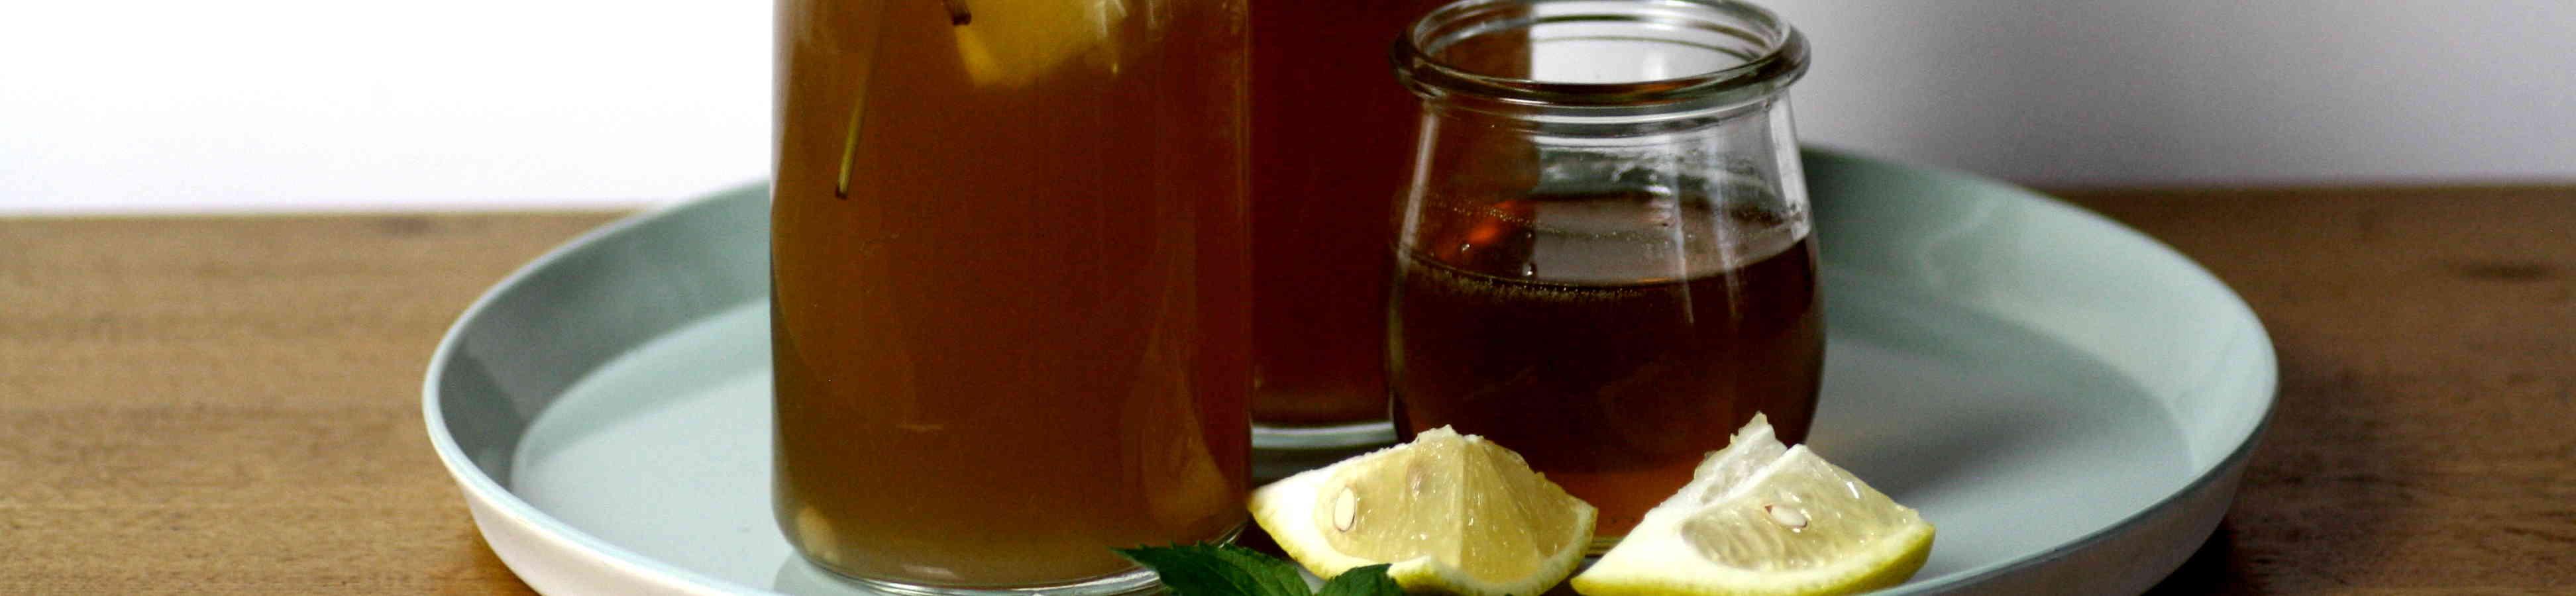 Honig Zitronen Limonade Thumbnail